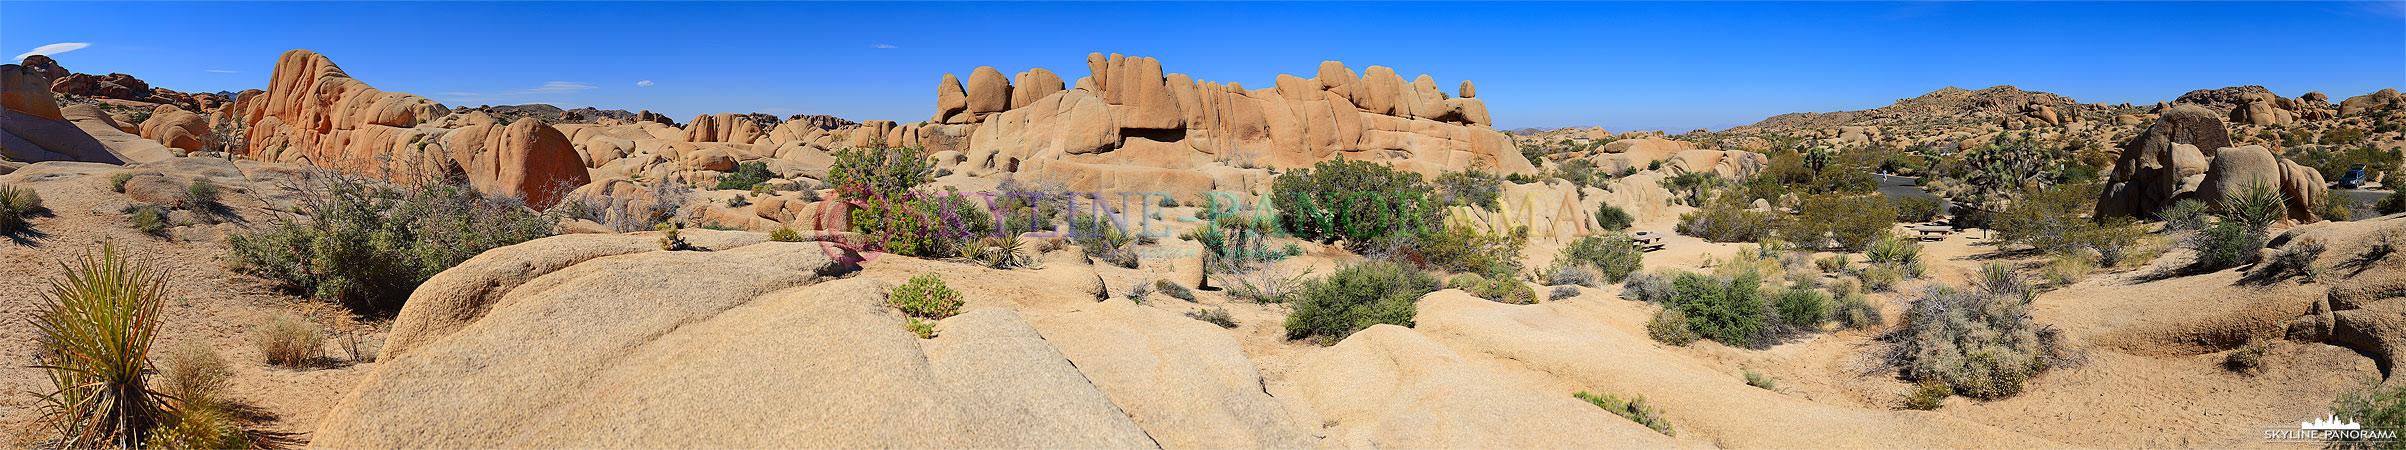 Bilder aus dem Joshua Tree Nationalpark - Der Park bietet seinen Besuchern eine sehenswerte Mischung aus Gesteinsformationen und Wüstenlandschaft...